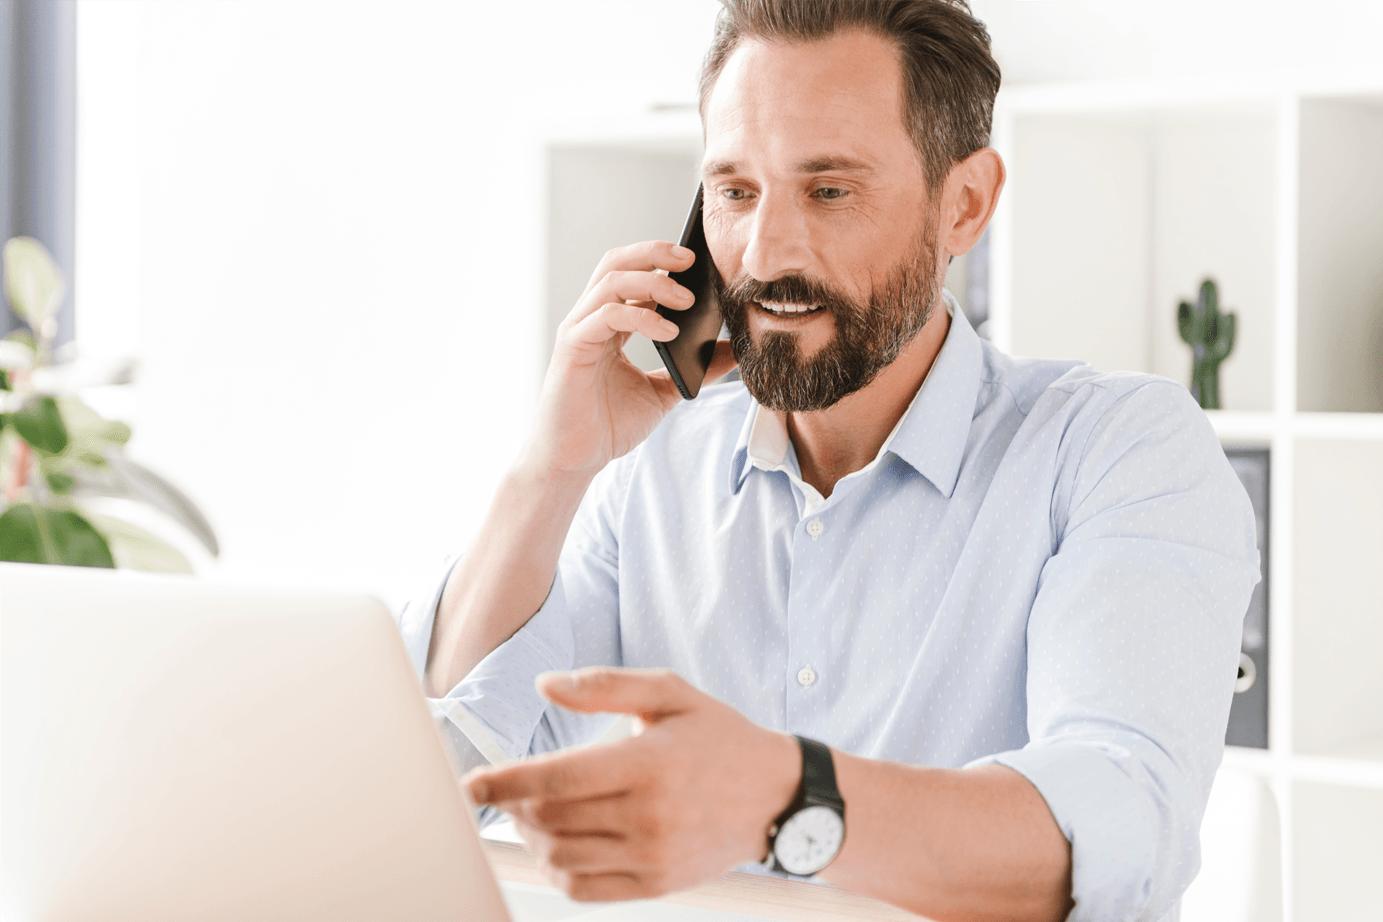 man looking at laptop talking on phone